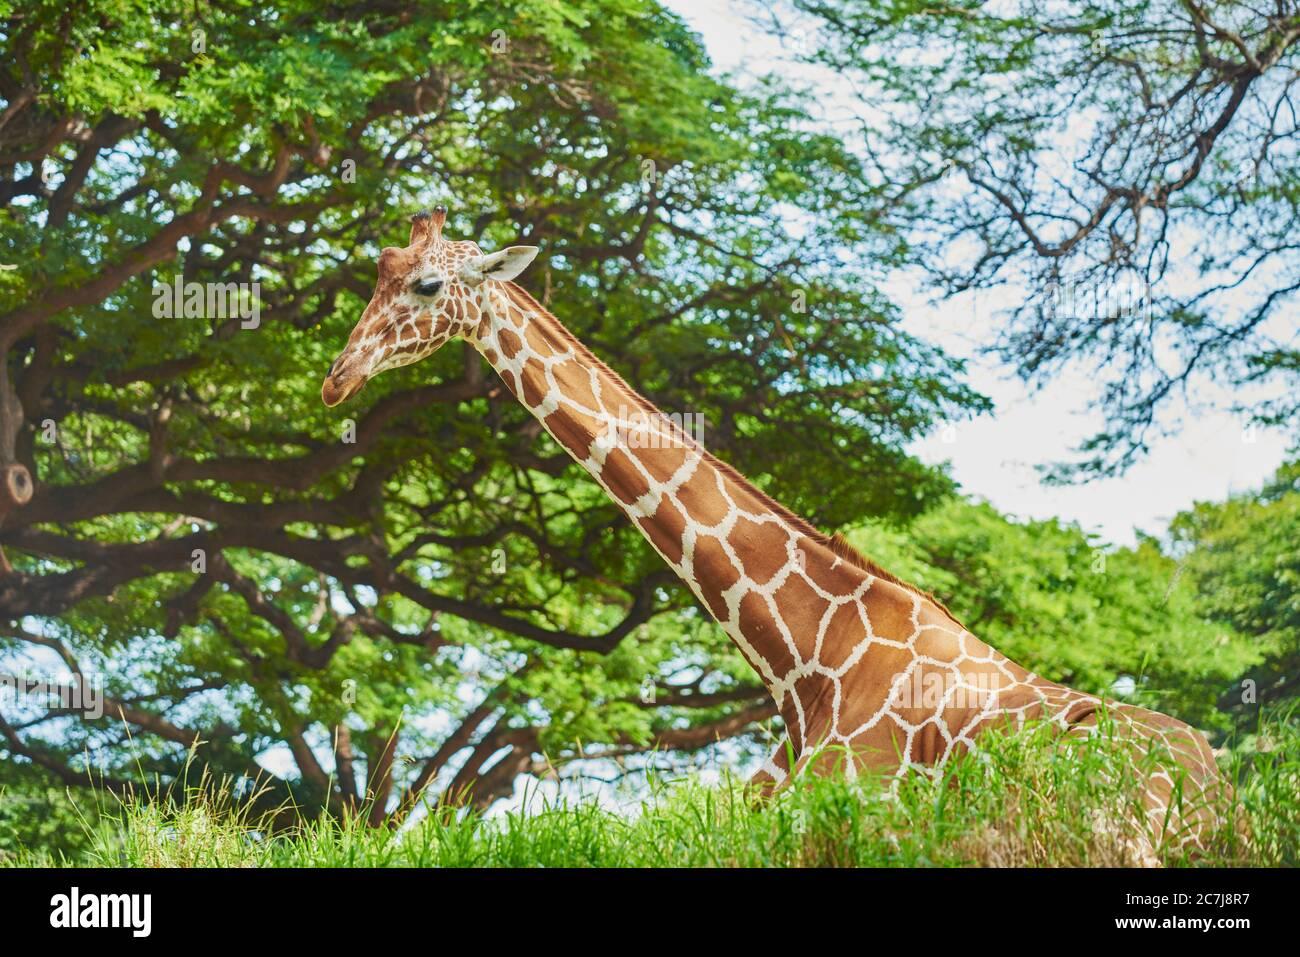 Netzgiraffe (Giraffa camelopardalis reticulata), in der Savanne auf dem Boden ruhend, halblanges Porträt, Afrika Stockfoto